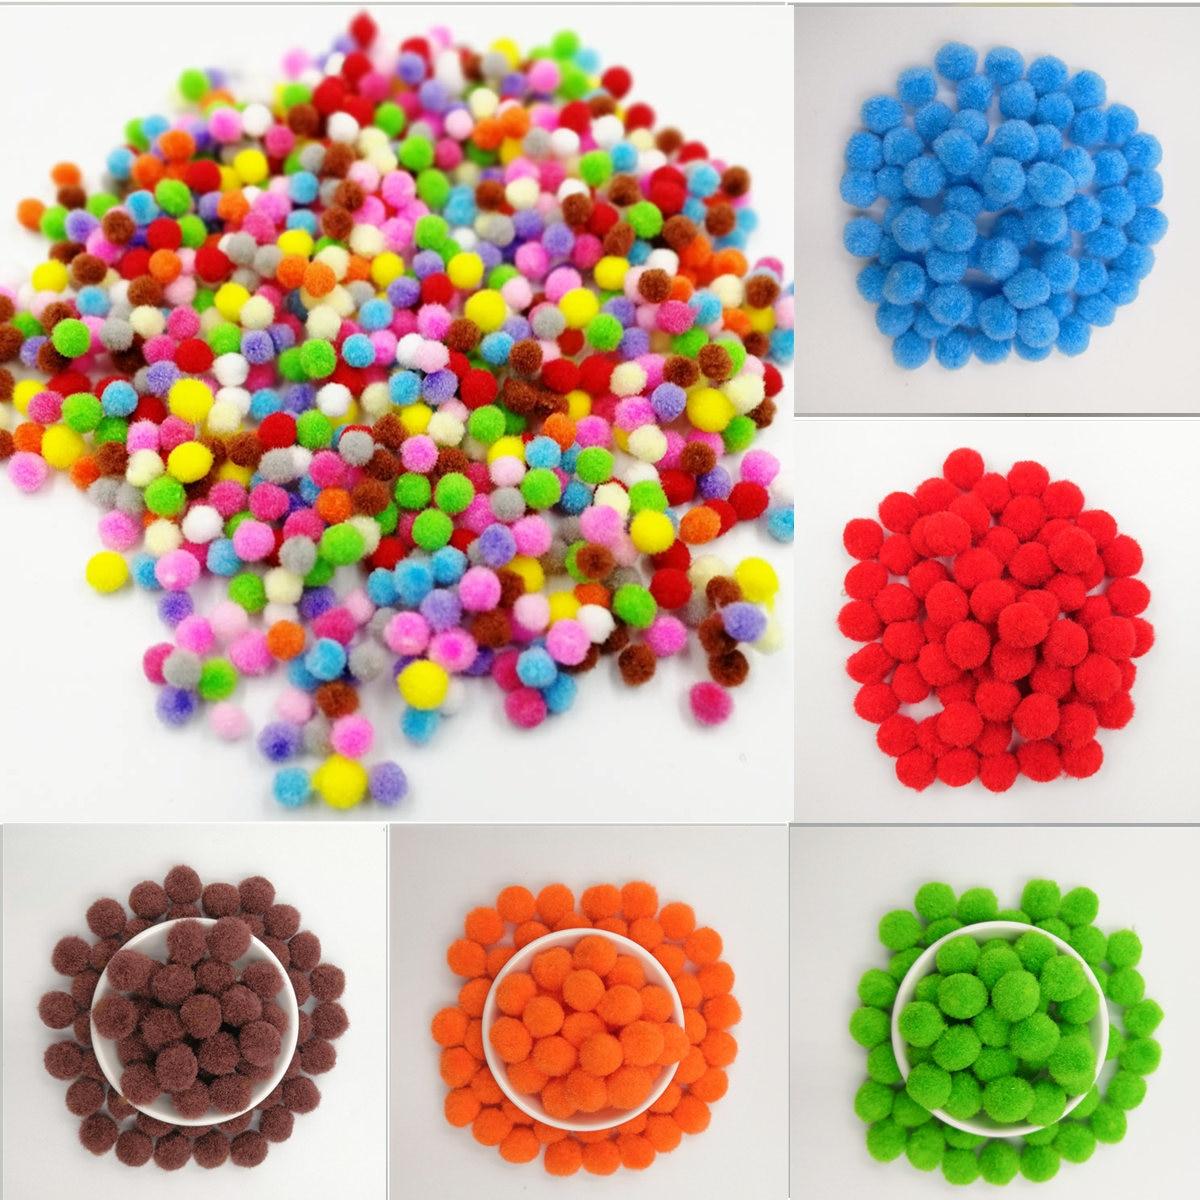 120 teile/los 10mm Pompom Weiche Pompones Flauschigen Plüsch Handwerk Multicolor Pom Poms Ball Furball Wohnkultur Kinder Spielzeug DIY liefert